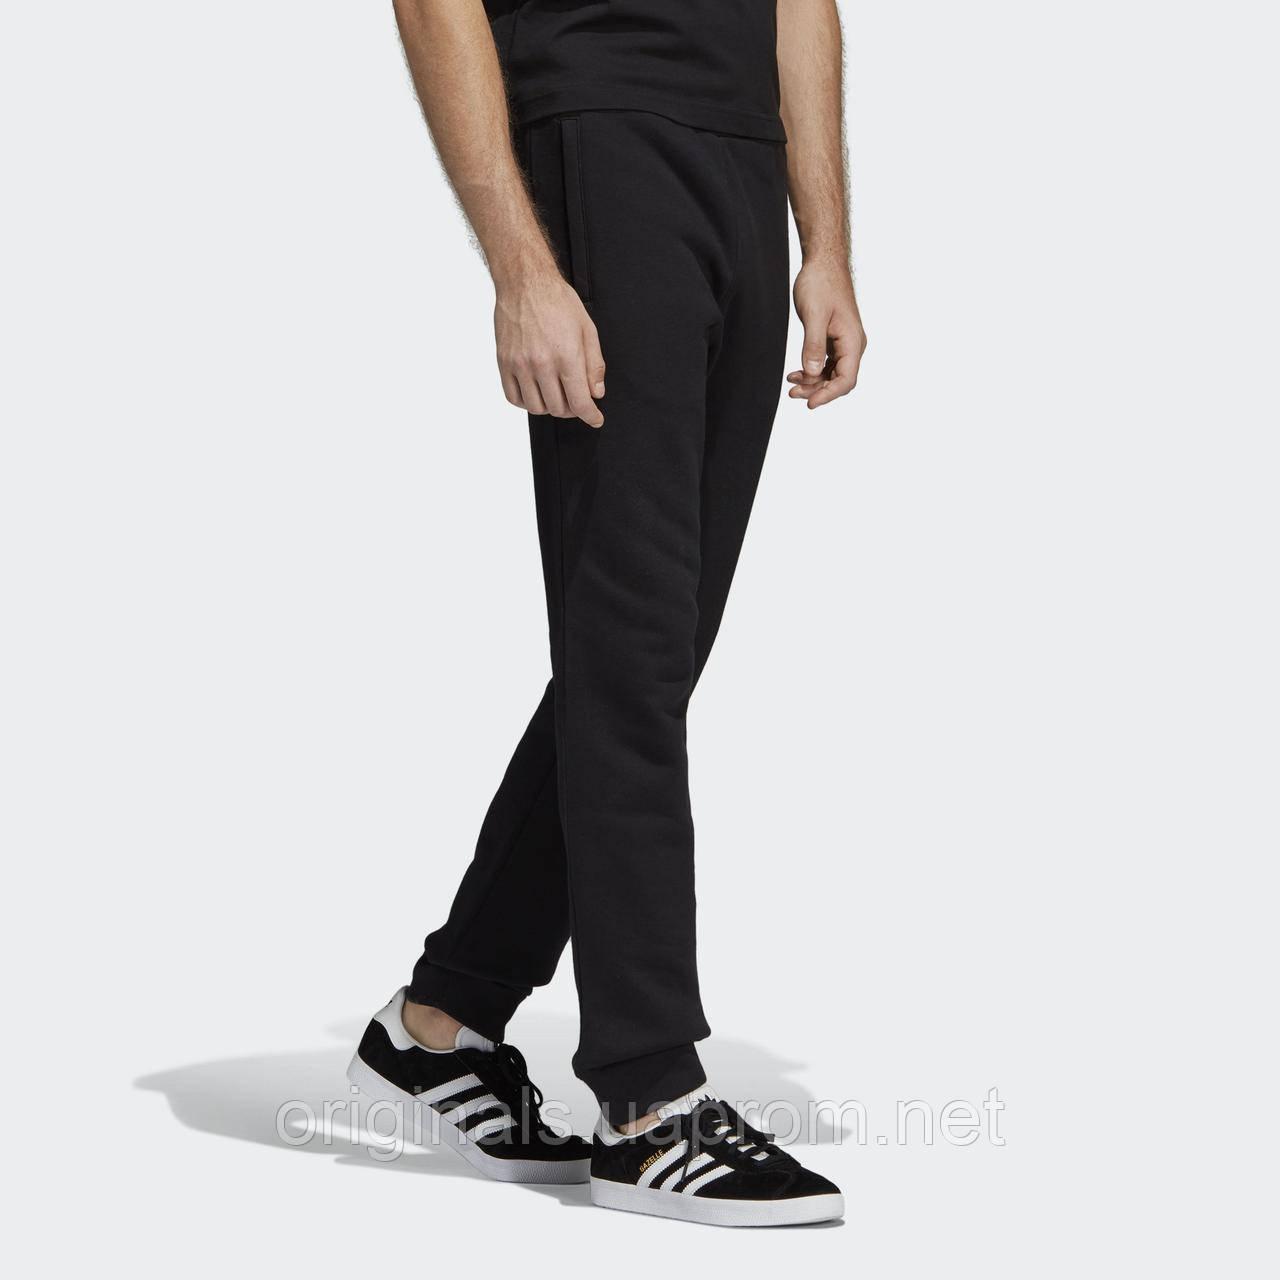 Спортивные брюки Adidas Trefoil DV1574